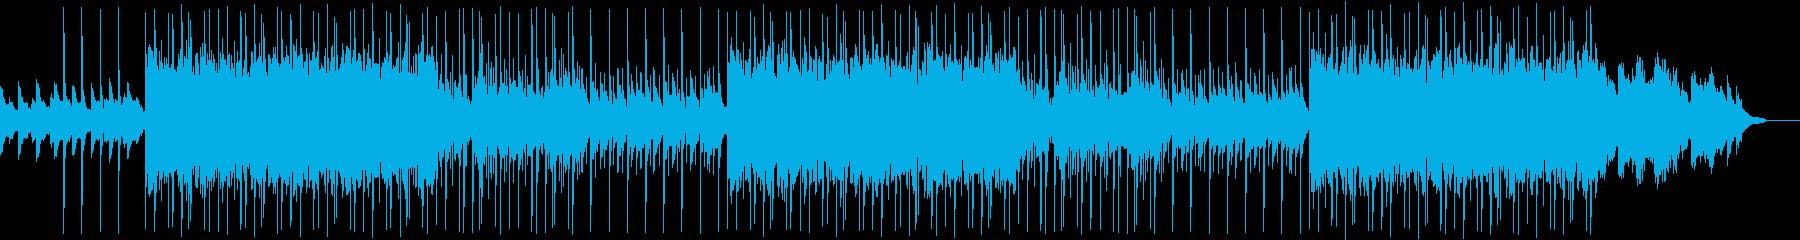 リラックスできるギターヒップホップの再生済みの波形